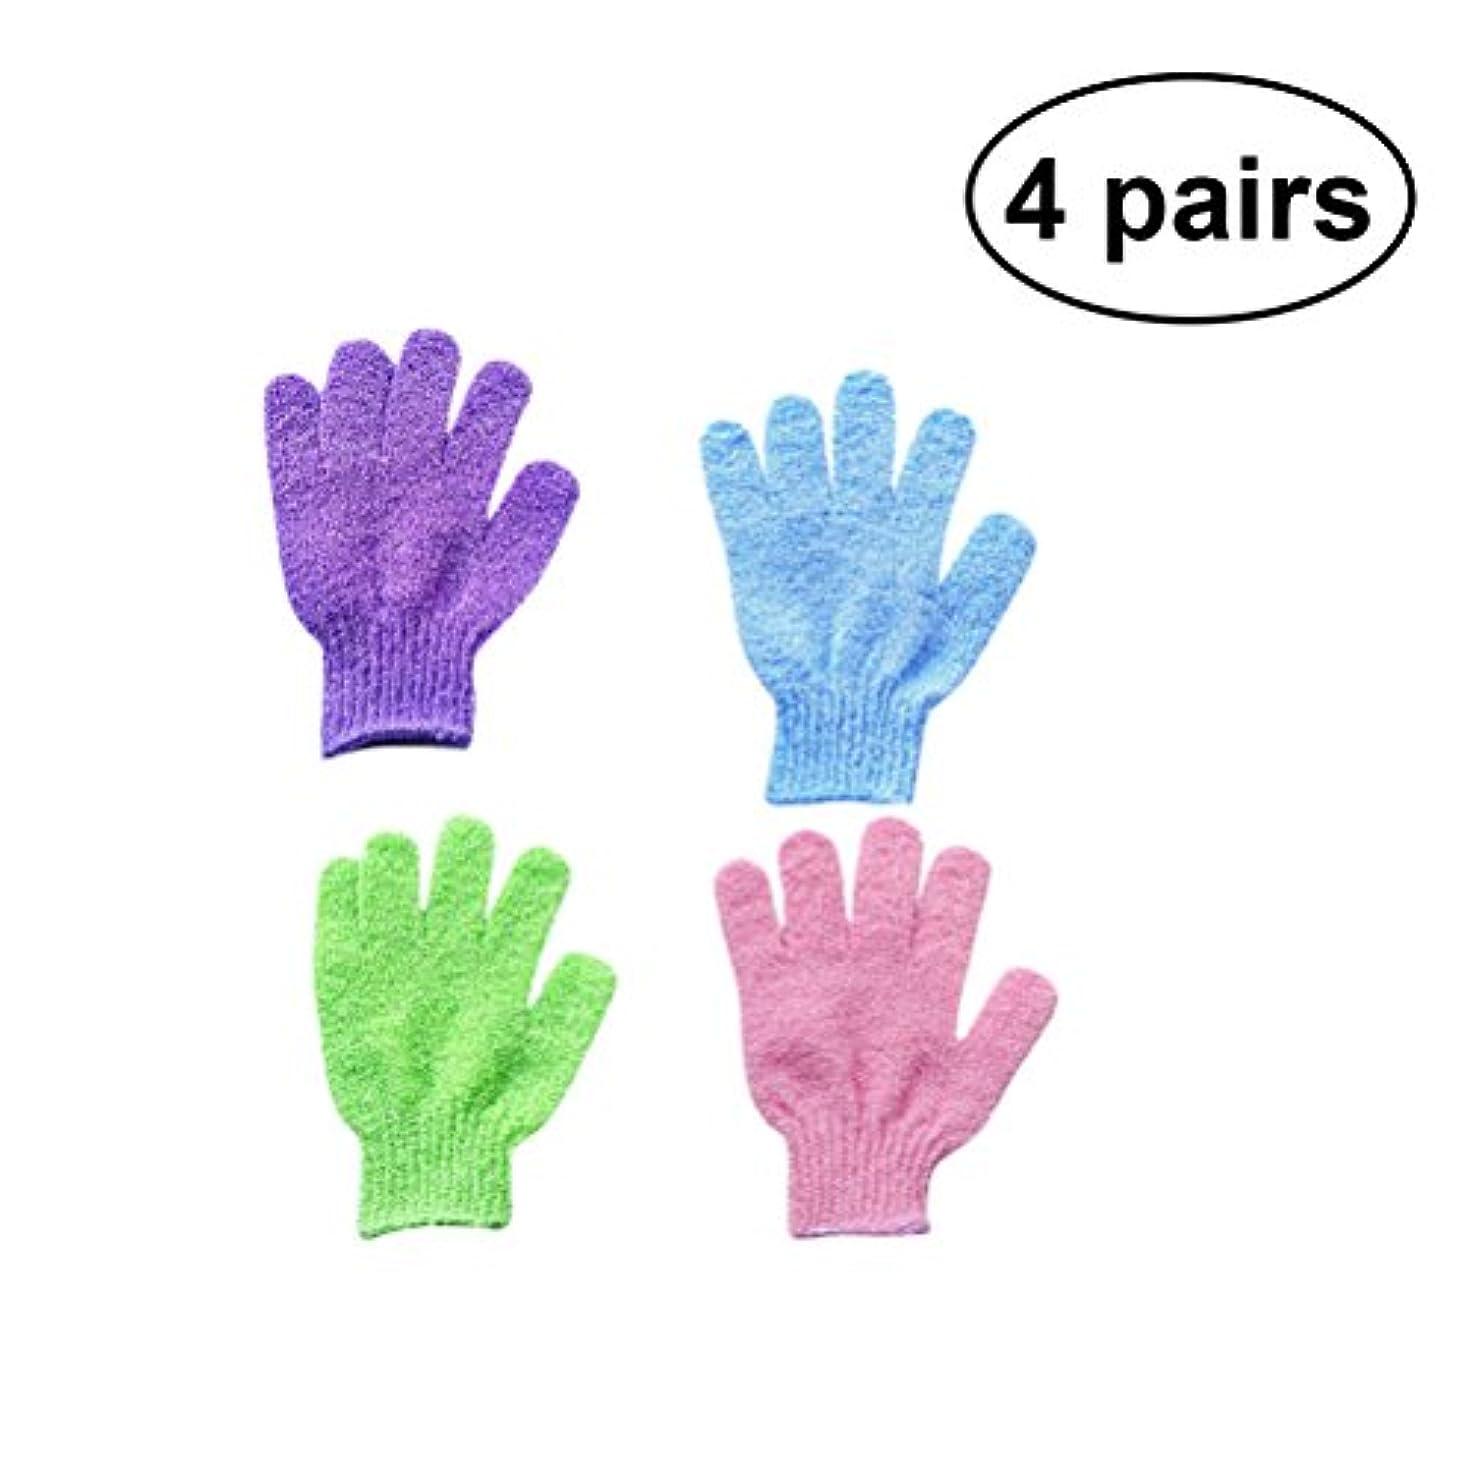 容器ワイン脅かすHealifty 4 Pairs Exfoliating Bath Gloves Shower Mitts Exfoliating Body Spa Massage Dead Skin Cell Remover